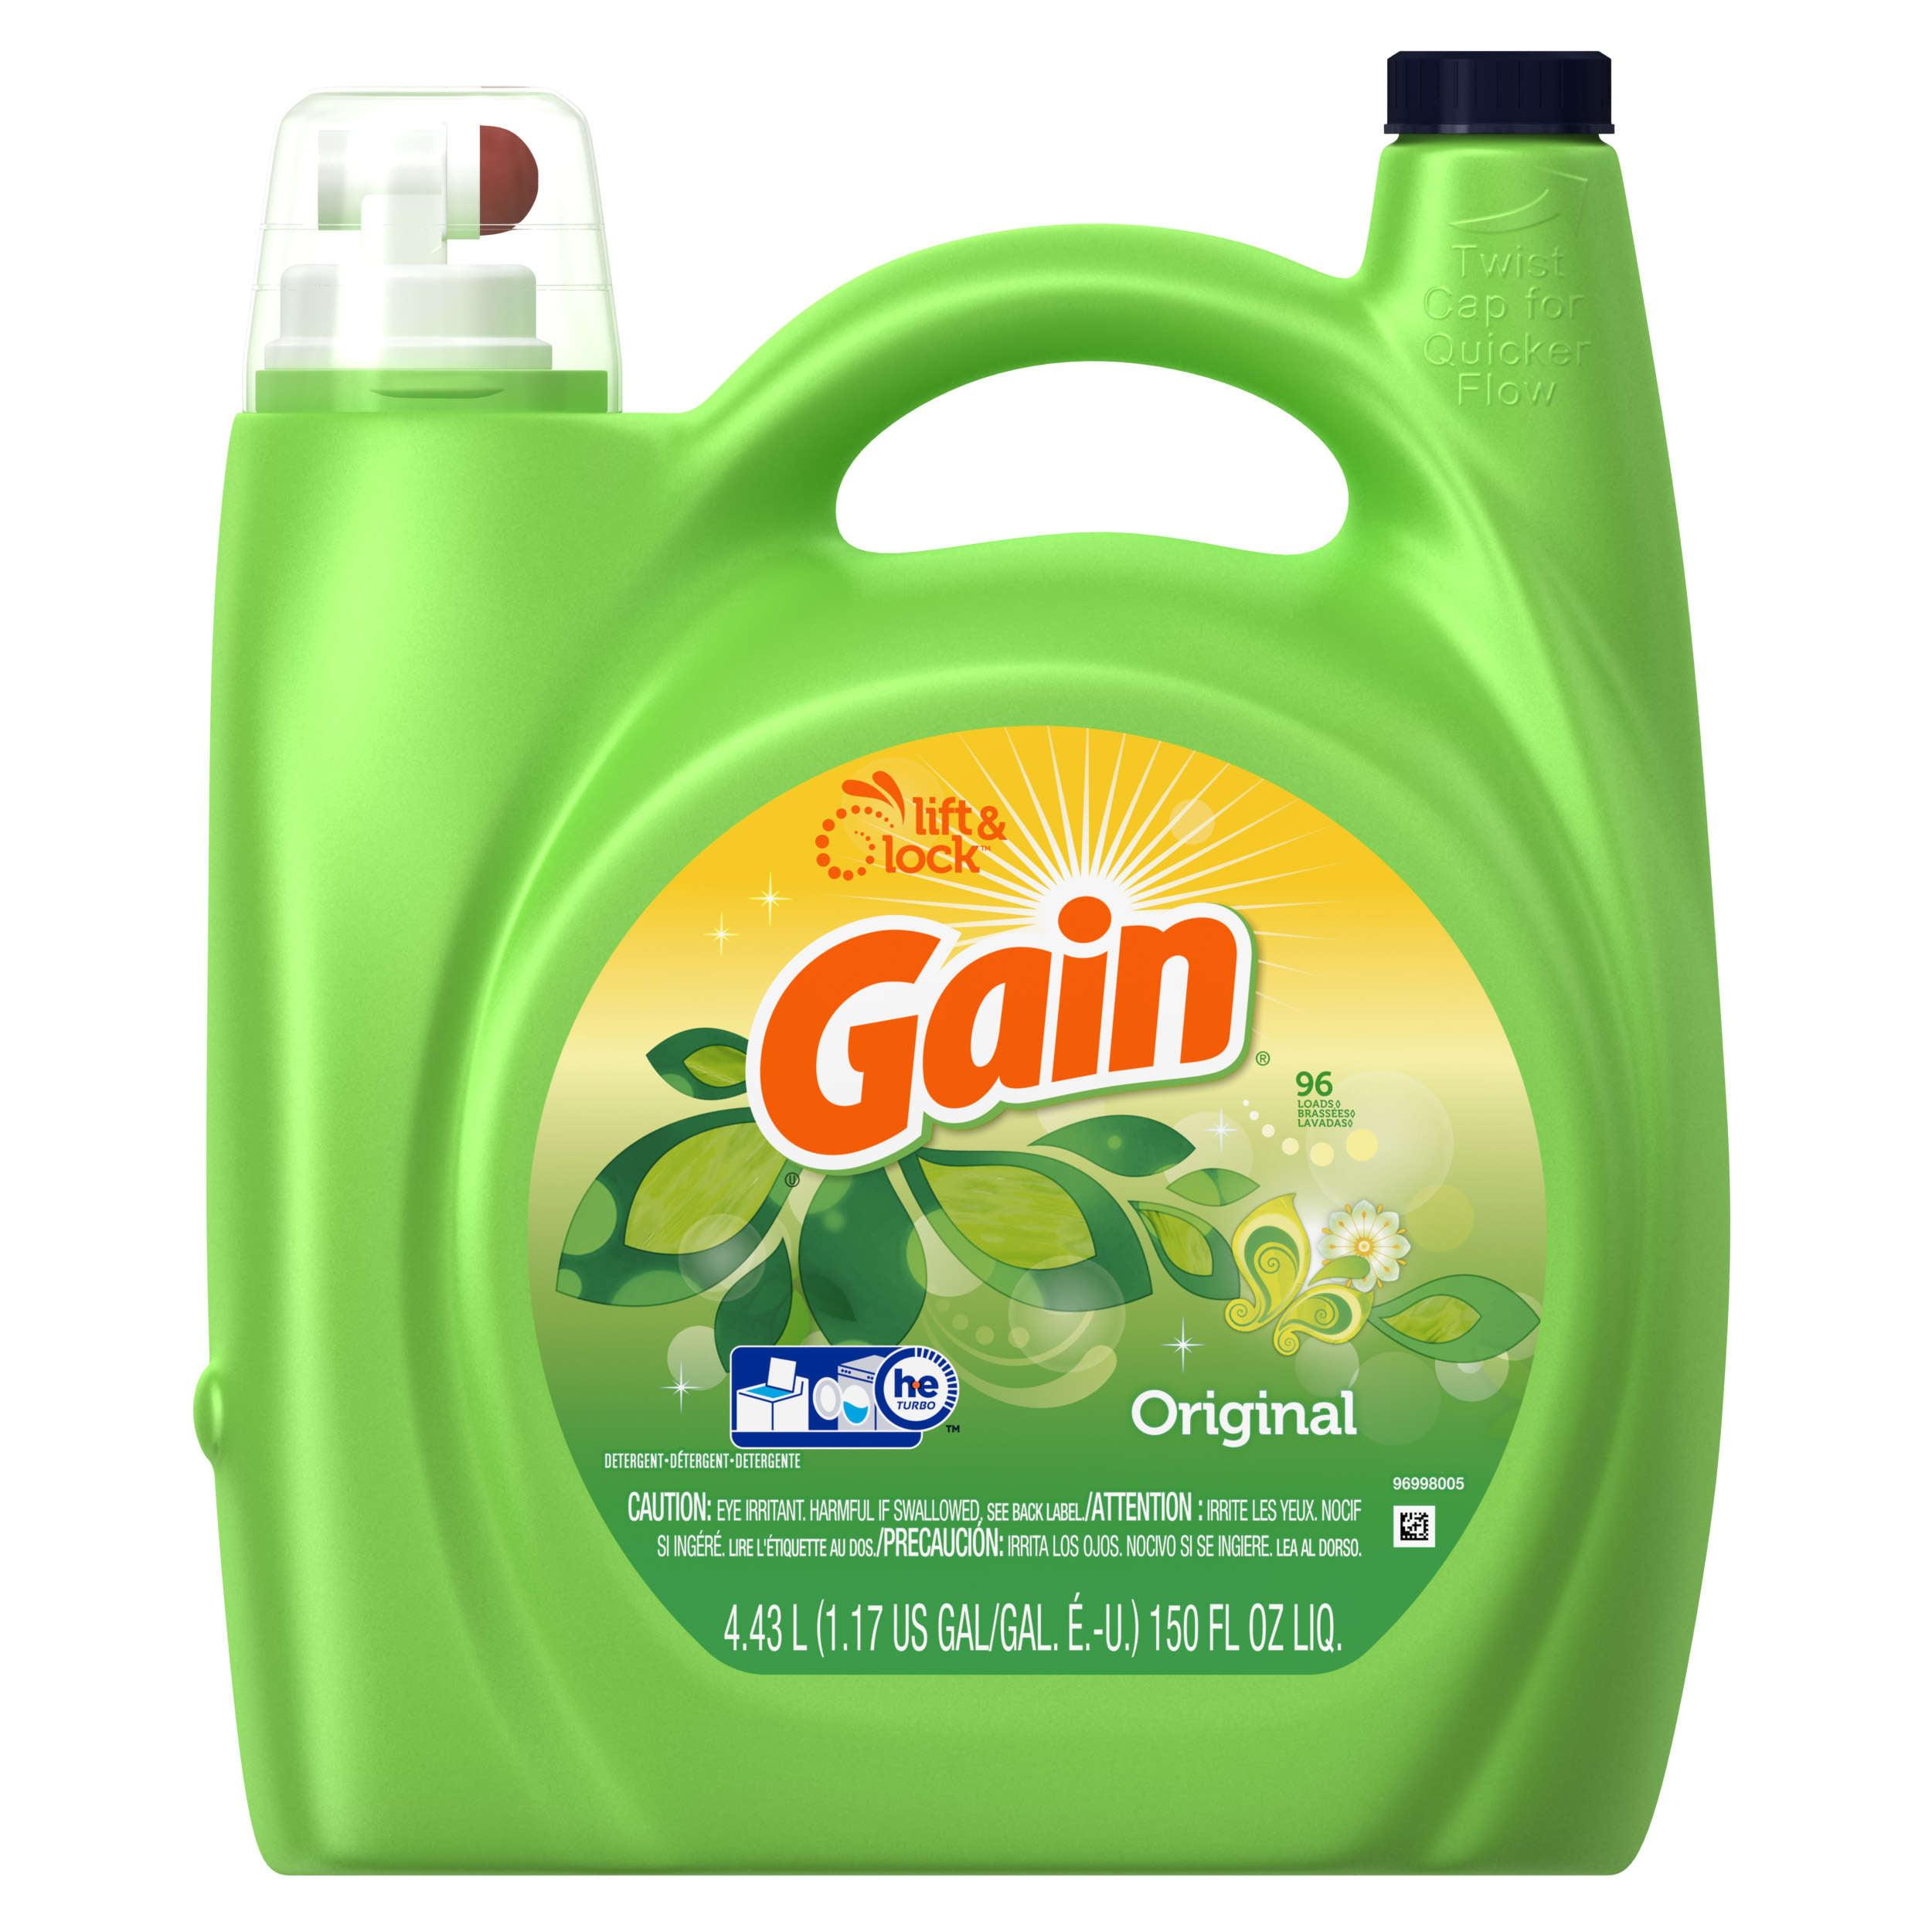 Gain Liquid Laundry Detergent, Original Scent, 96 Loads, 150 Oz